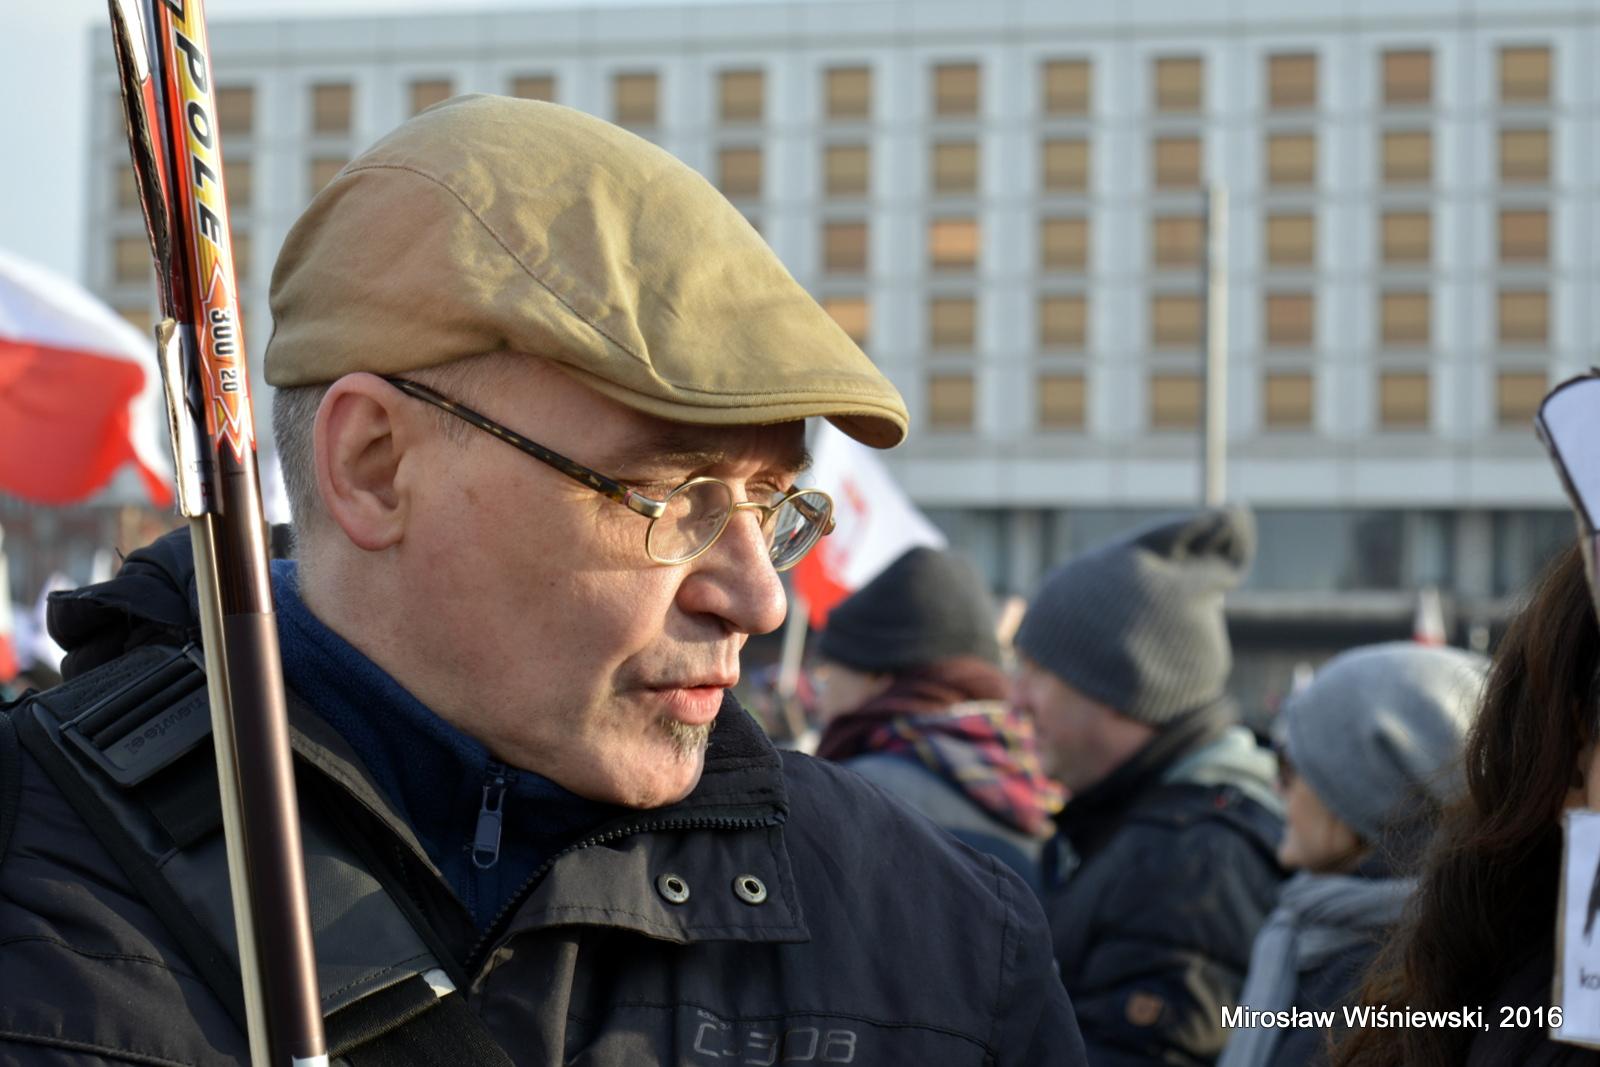 Miroslaw Wisniewski